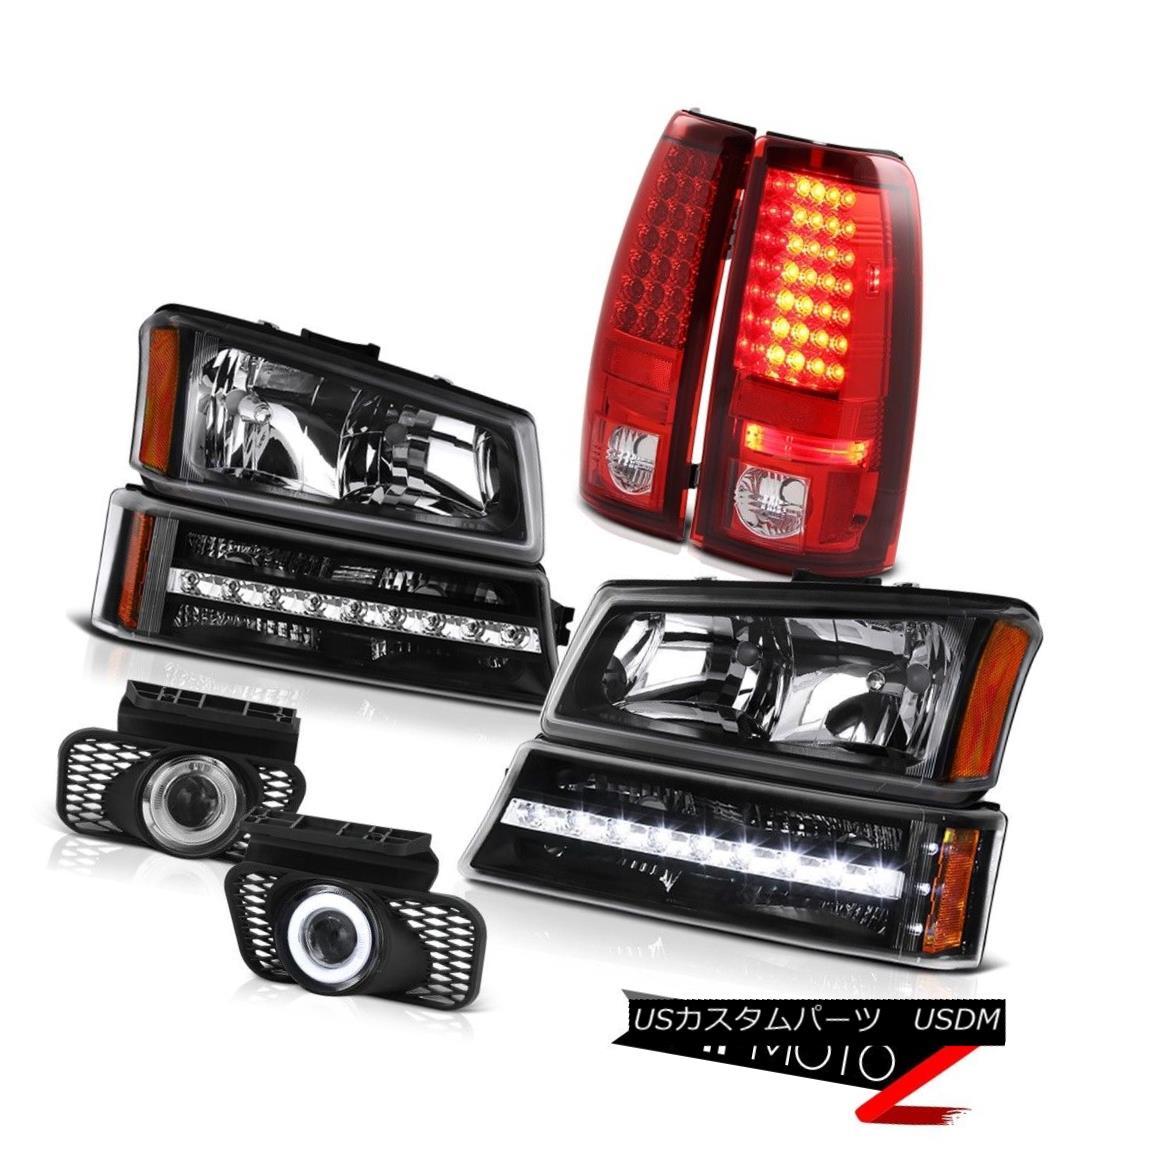 テールライト 03 04 05 06 Chevy Silverado 2500HD Fog lights tail brake bumper light Headlights 03 04 05 06 Chevy Silverado 2500HDフォグライトテールブレーキバンパーライトヘッドライト